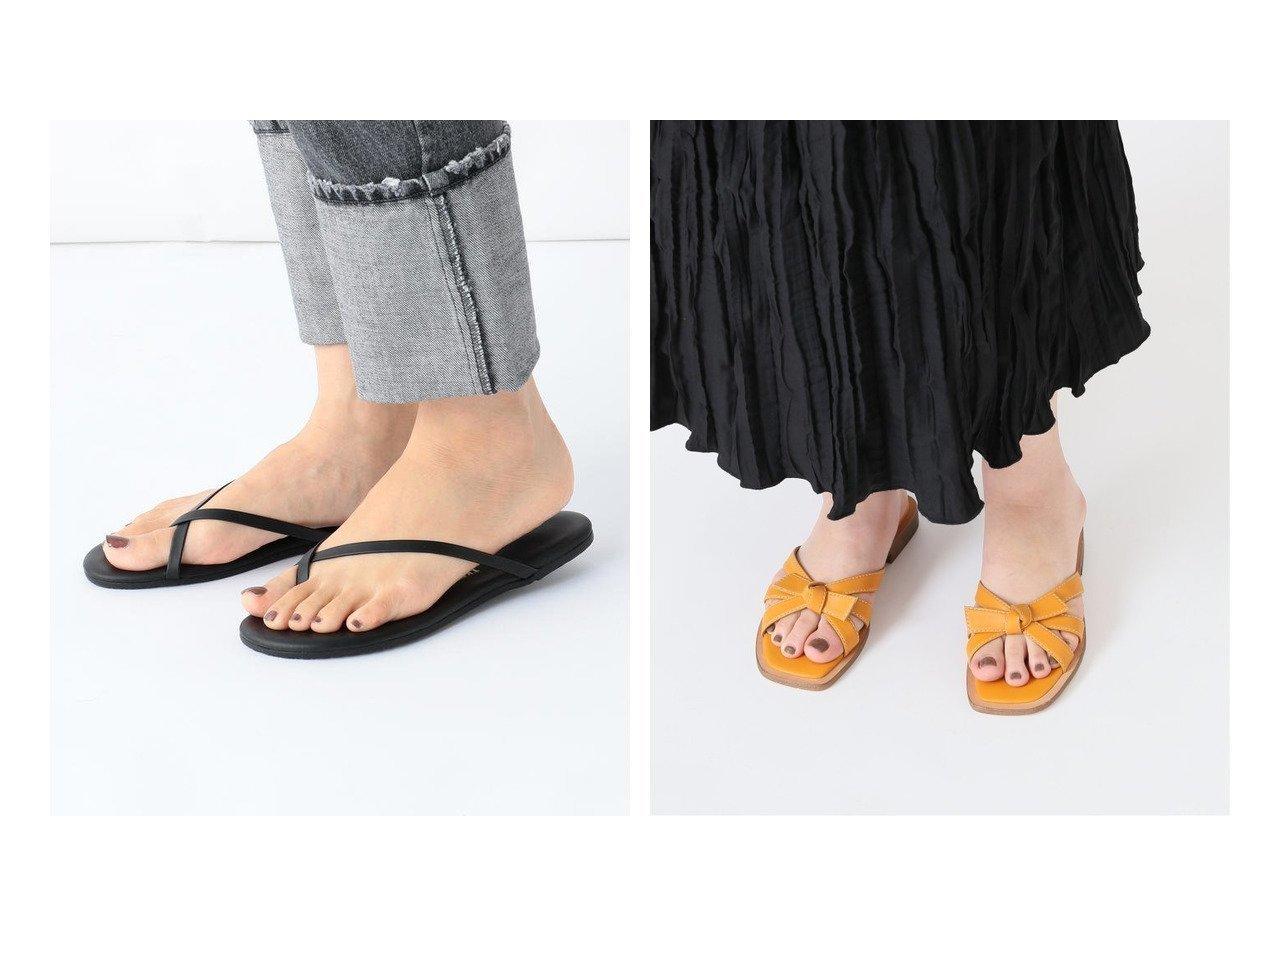 【Demi-Luxe BEAMS/デミルクス ビームス】のRILEY サンダル&【Le Talon/ル タロン】のスクエアステッチリボンサンダル 【シューズ・靴】おすすめ!人気、トレンド・レディースファッションの通販 おすすめで人気の流行・トレンド、ファッションの通販商品 インテリア・家具・メンズファッション・キッズファッション・レディースファッション・服の通販 founy(ファニー) https://founy.com/ ファッション Fashion レディースファッション WOMEN エレガント サンダル シューズ シンプル ハンド リゾート 再入荷 Restock/Back in Stock/Re Arrival 2021年 2021 2021春夏・S/S SS/Spring/Summer/2021 S/S・春夏 SS・Spring/Summer スクエア 夏 Summer  ID:crp329100000054065